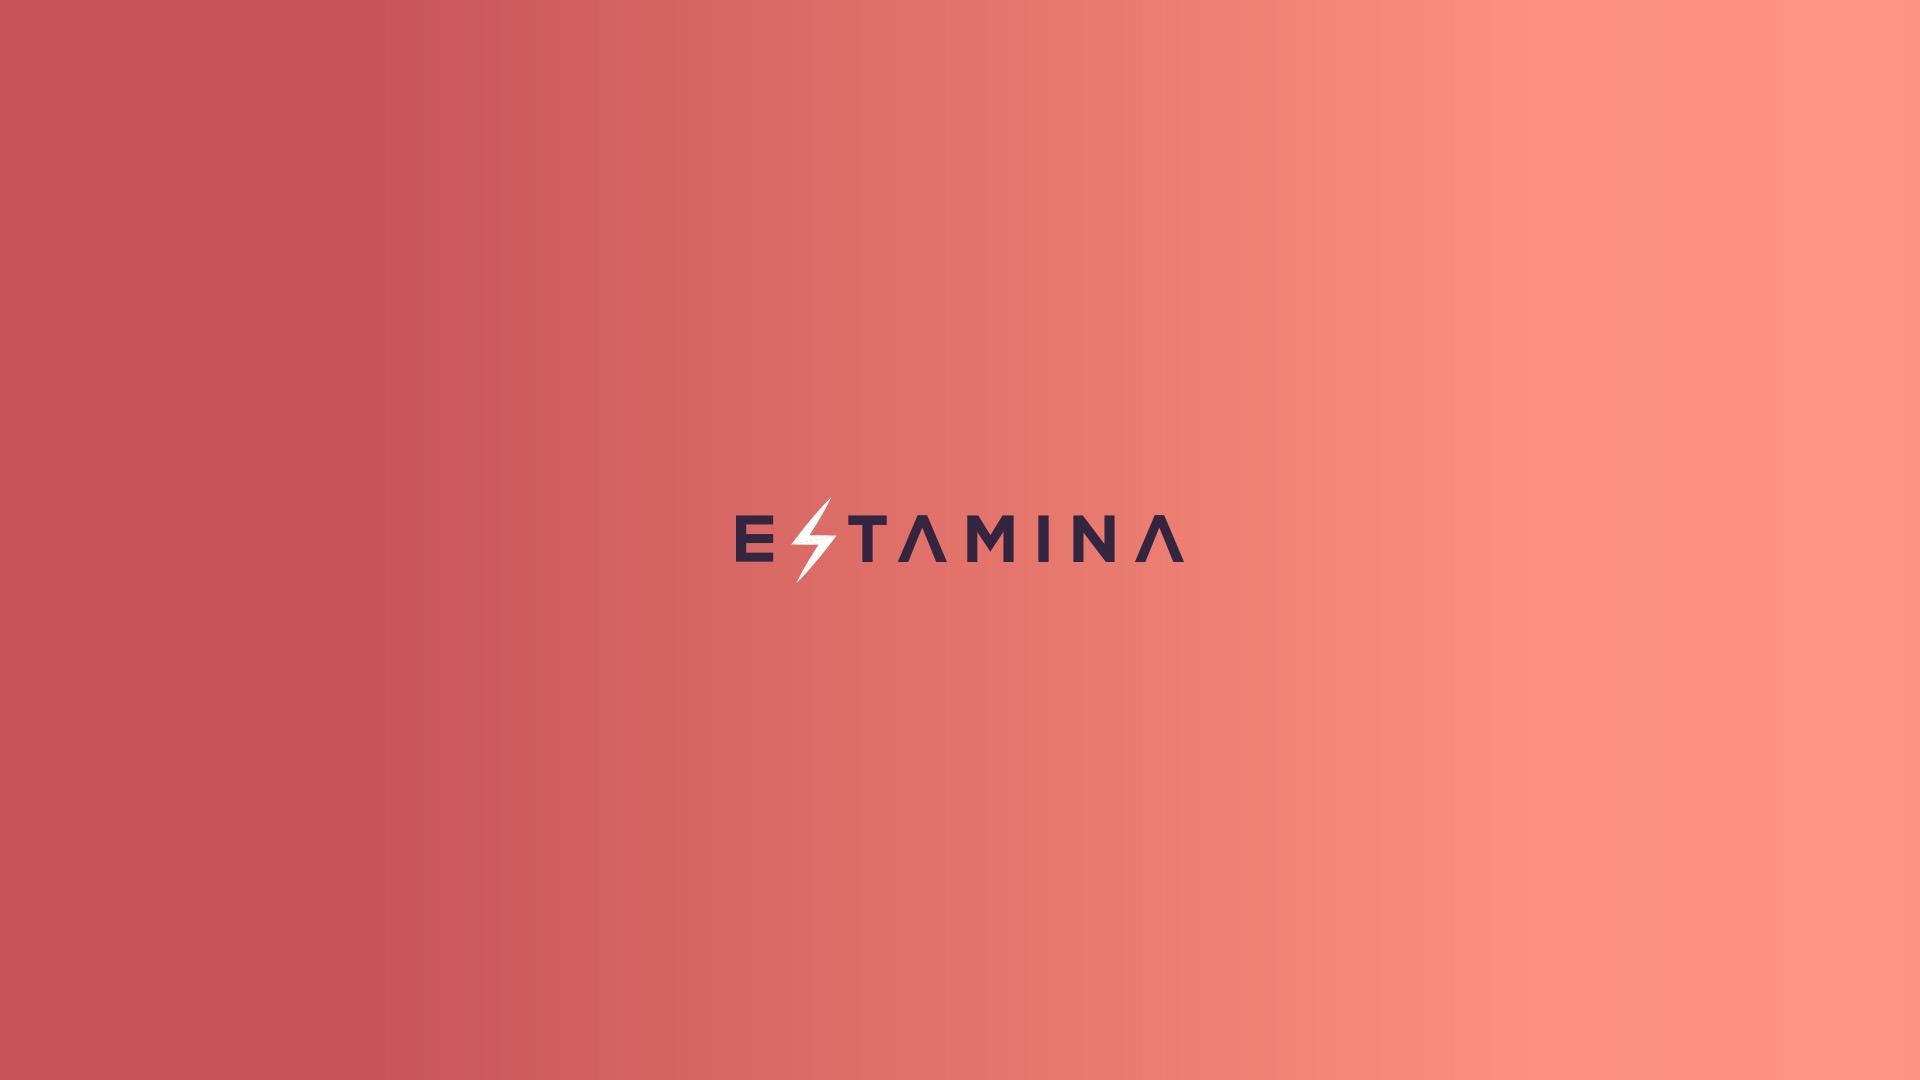 ESTAMINA_HR.jpg